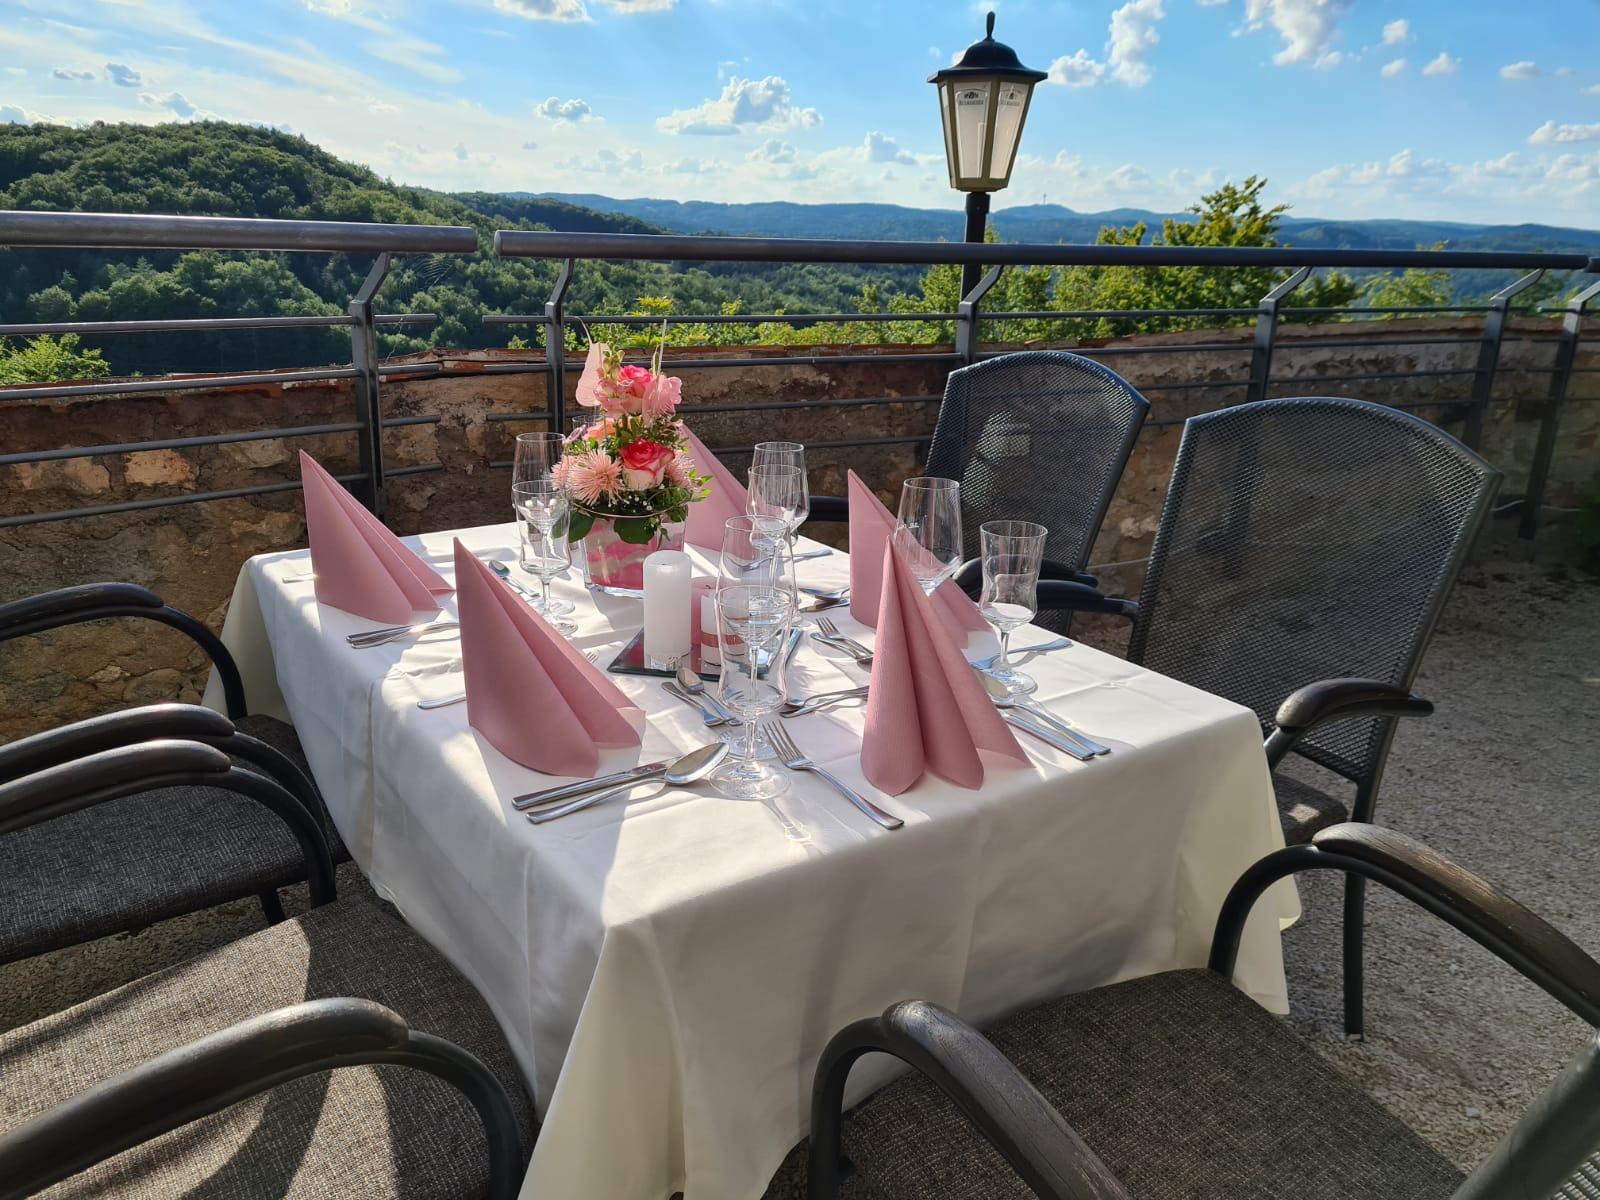 Ein schöner Tisch im Biergarten bei tollem Wetter, darf nicht fehlen.